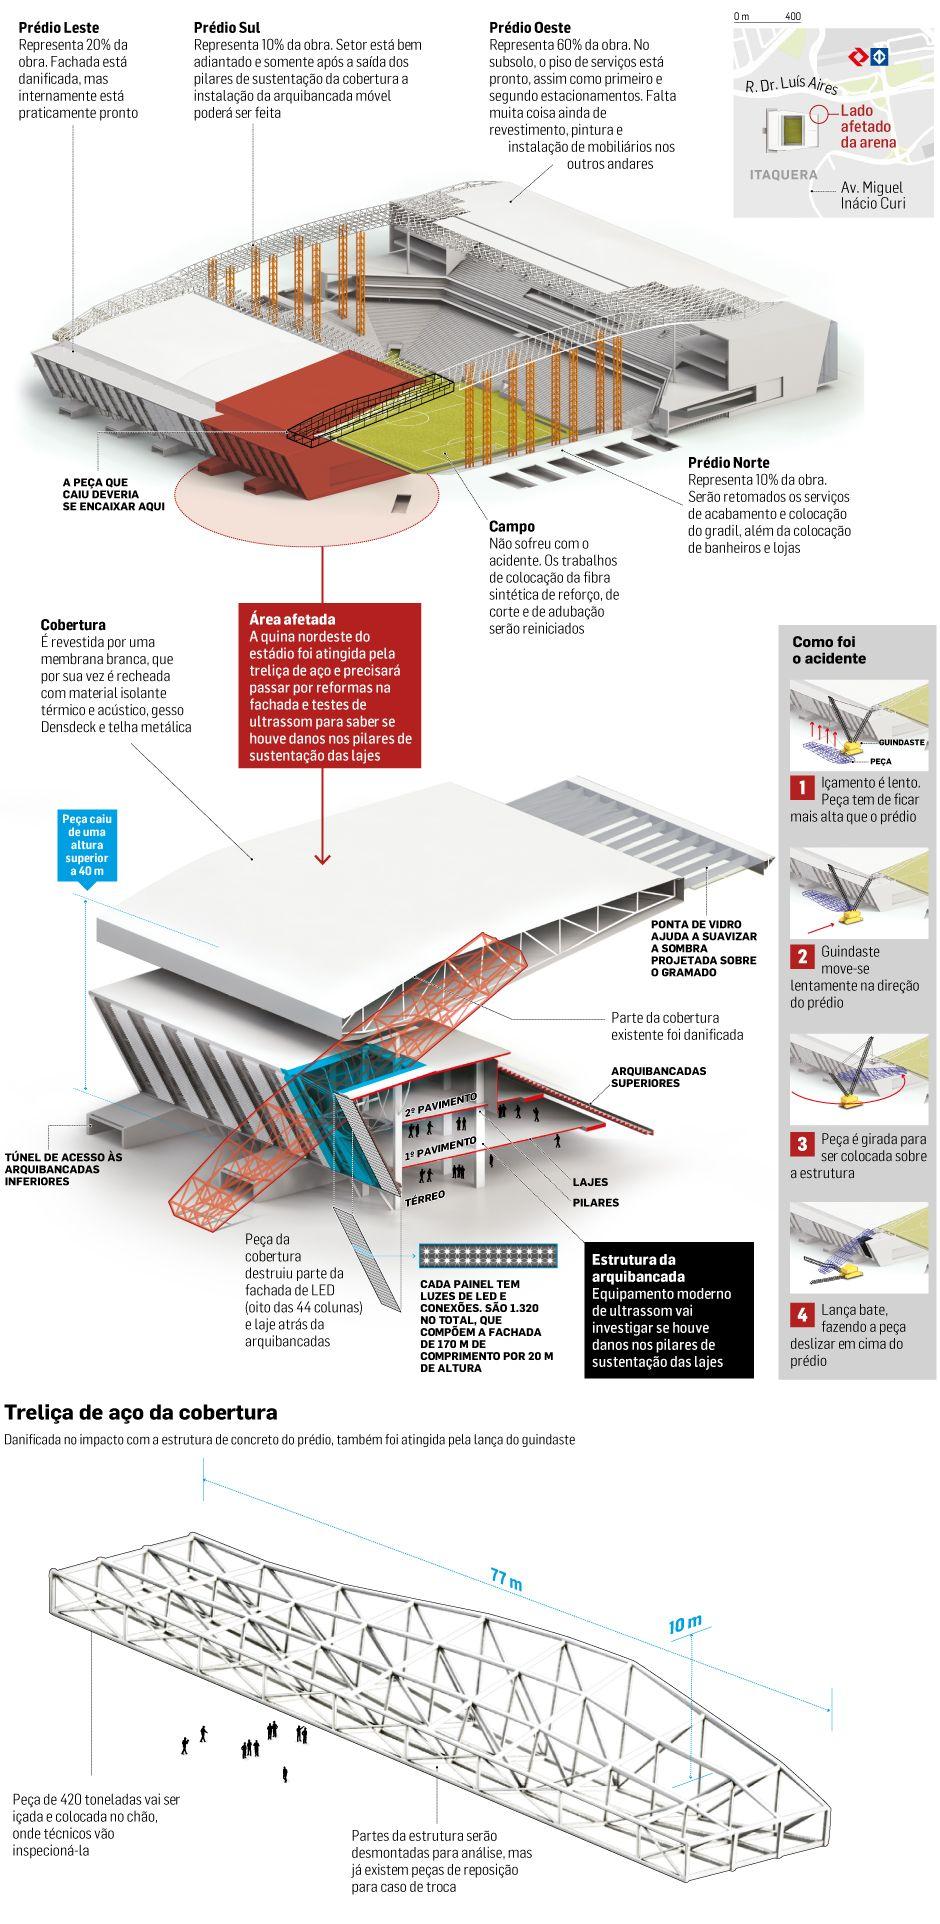 hight resolution of plano de a es para retomada da obra na arena corinthians